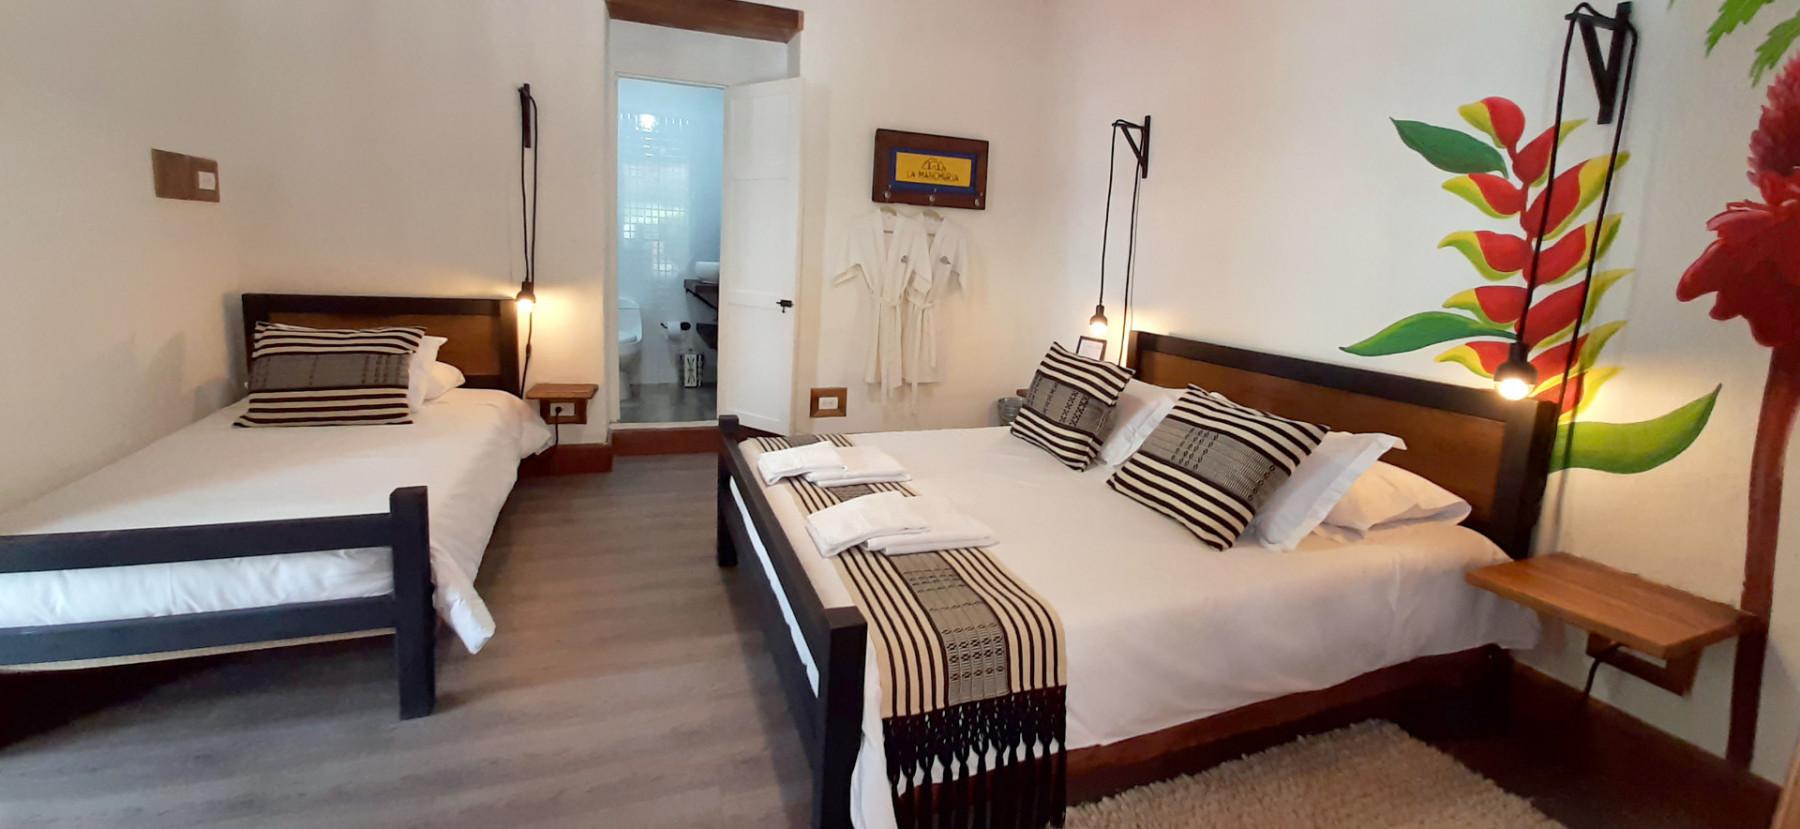 Hotel-Finca-la-Manchuria-9